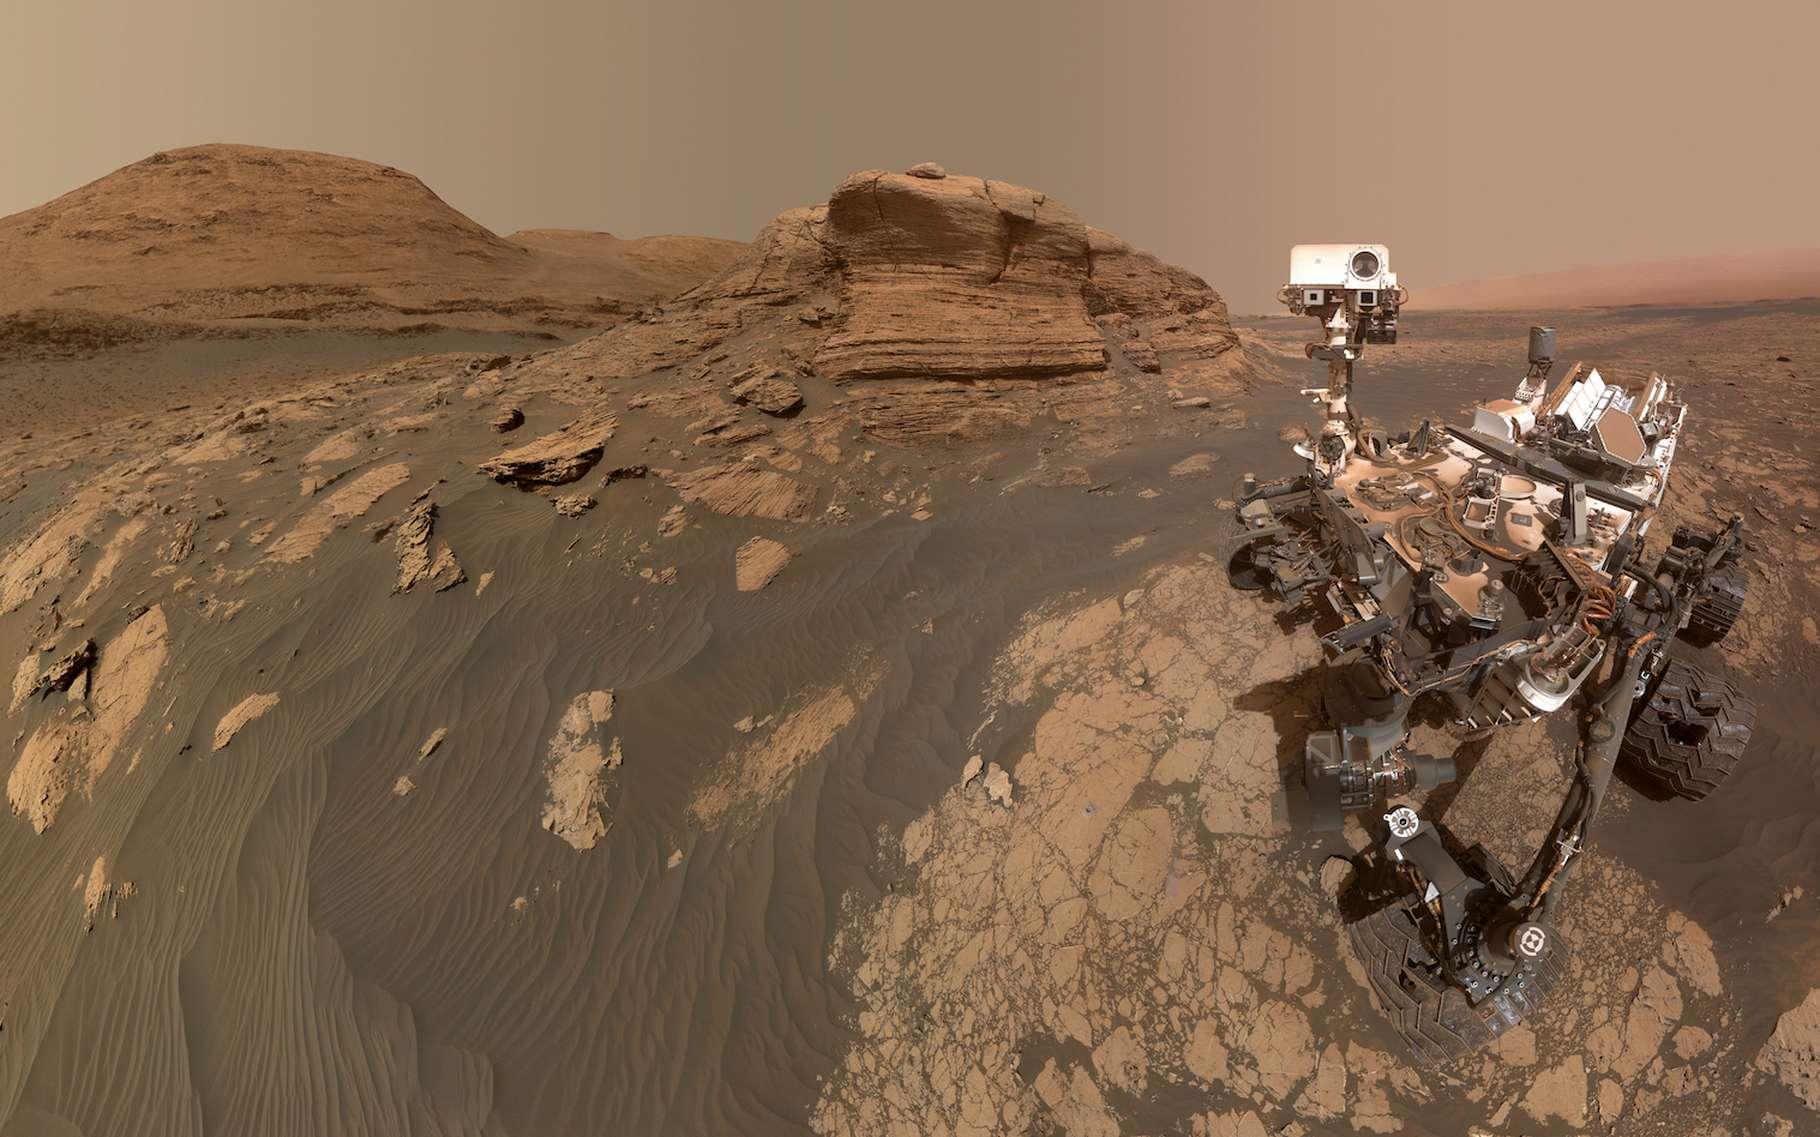 Le 30 mars 2021, Curiosity — le rover de la Nasa qui explore la surface de Mars depuis 2012 — prenait un selfie devant le mont Mercou, un rocher de six mètres de haut posé dans le cratère Gale. Dans les semaines et les mois qui viennent, les chercheurs attendent de lui qu'il leur renvoie des informations précises sur la composition chimique des strates qui composent le mont Sharp qui se dresse au centre du cratère. Objectif : comprendre les changements climatiques martiens. © Nasa, JPL-Caltech, MSSS